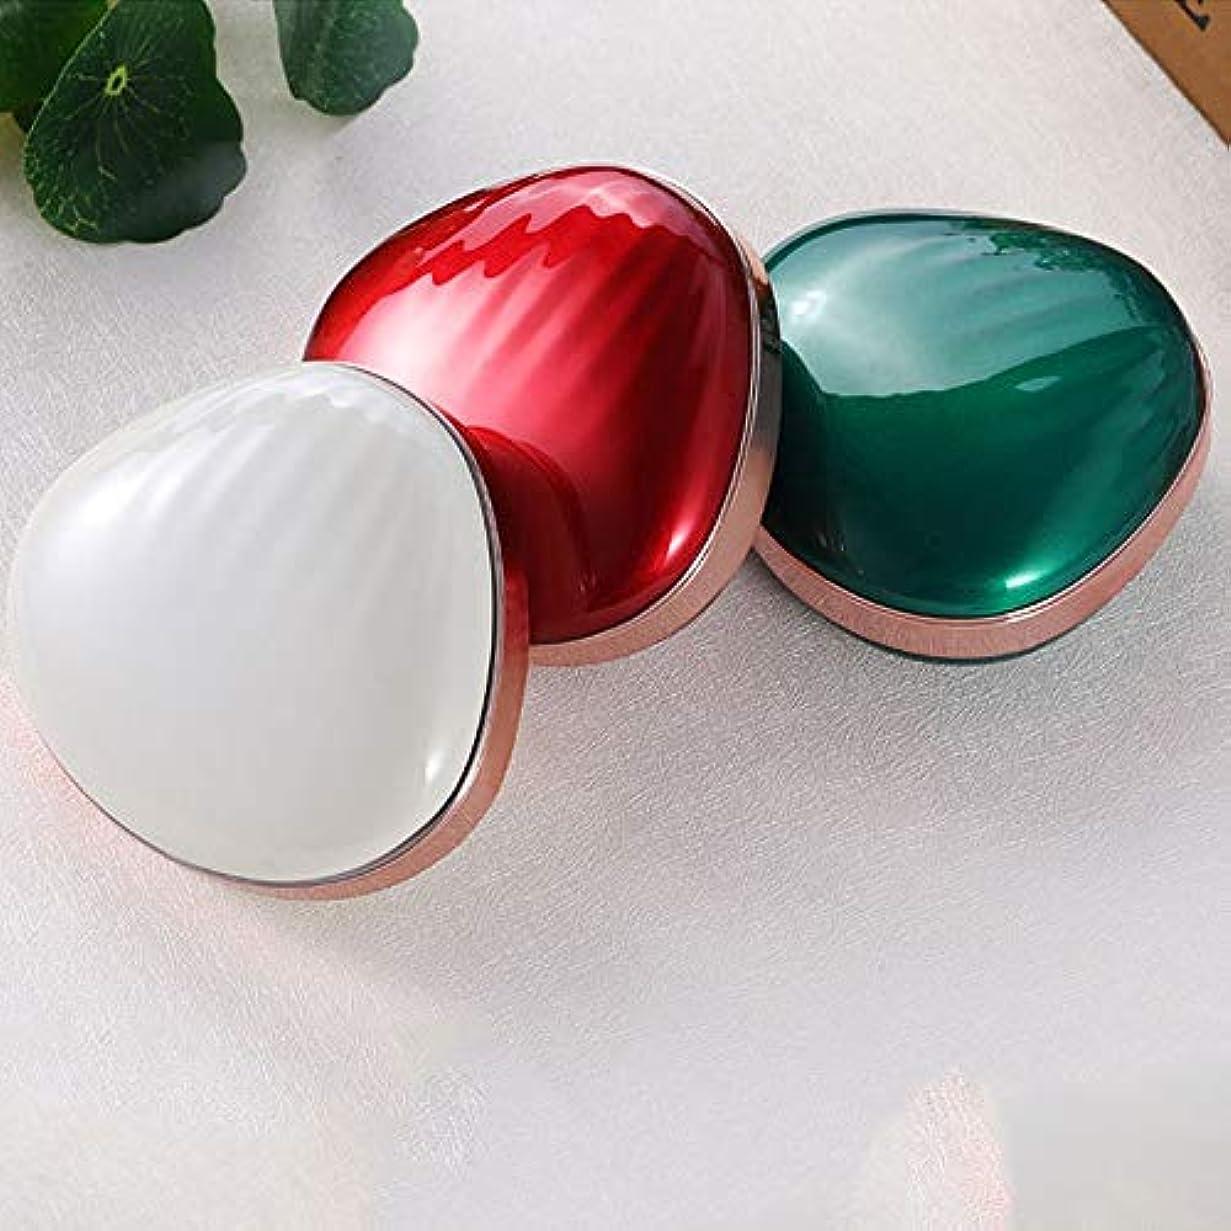 ピザ適合しましたダイバー流行の 新しいクリエイティブLEDソフトアイメイクミラー多機能塗りつぶし充電宝メイクアップミラー美容ミラーABSアルミ3レッドブルーホワイト (色 : Green)